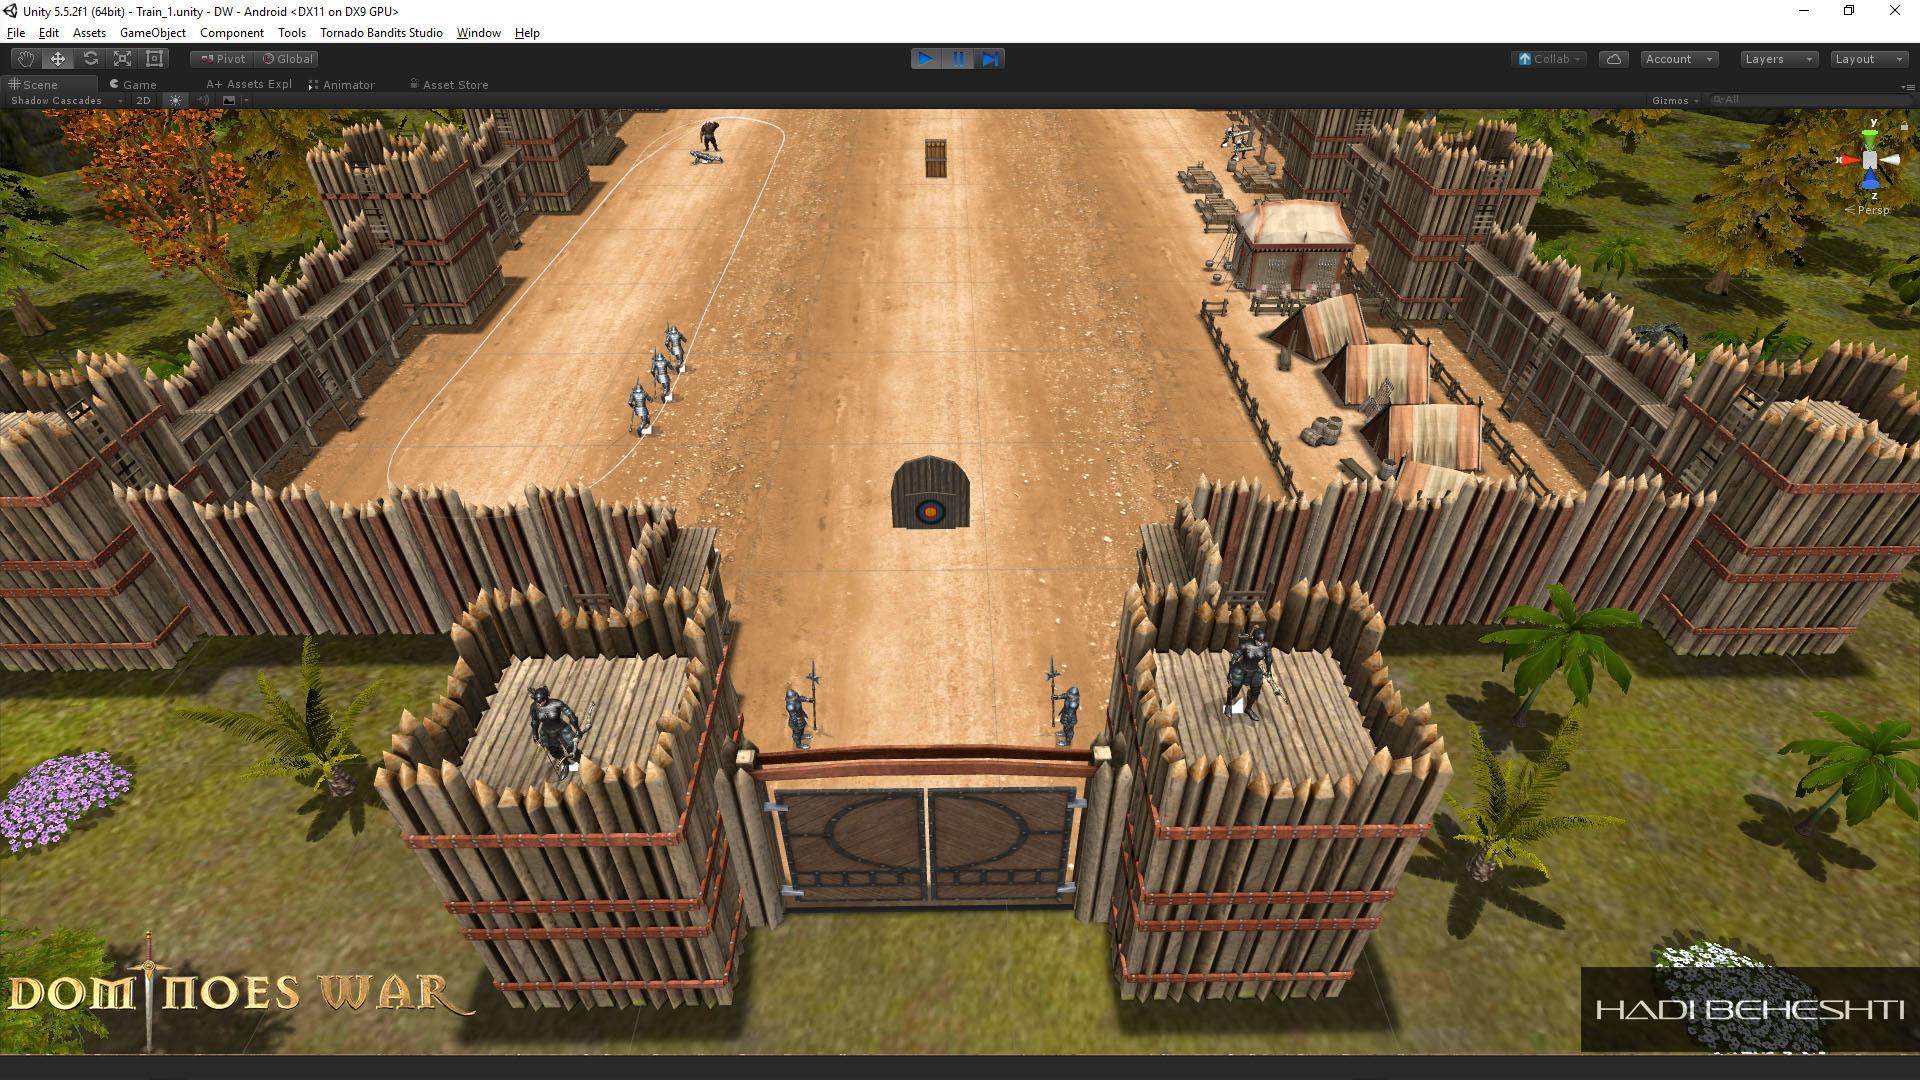 Dominoes War Game Garrison Scene Hadi Beheshti CG Artist-3